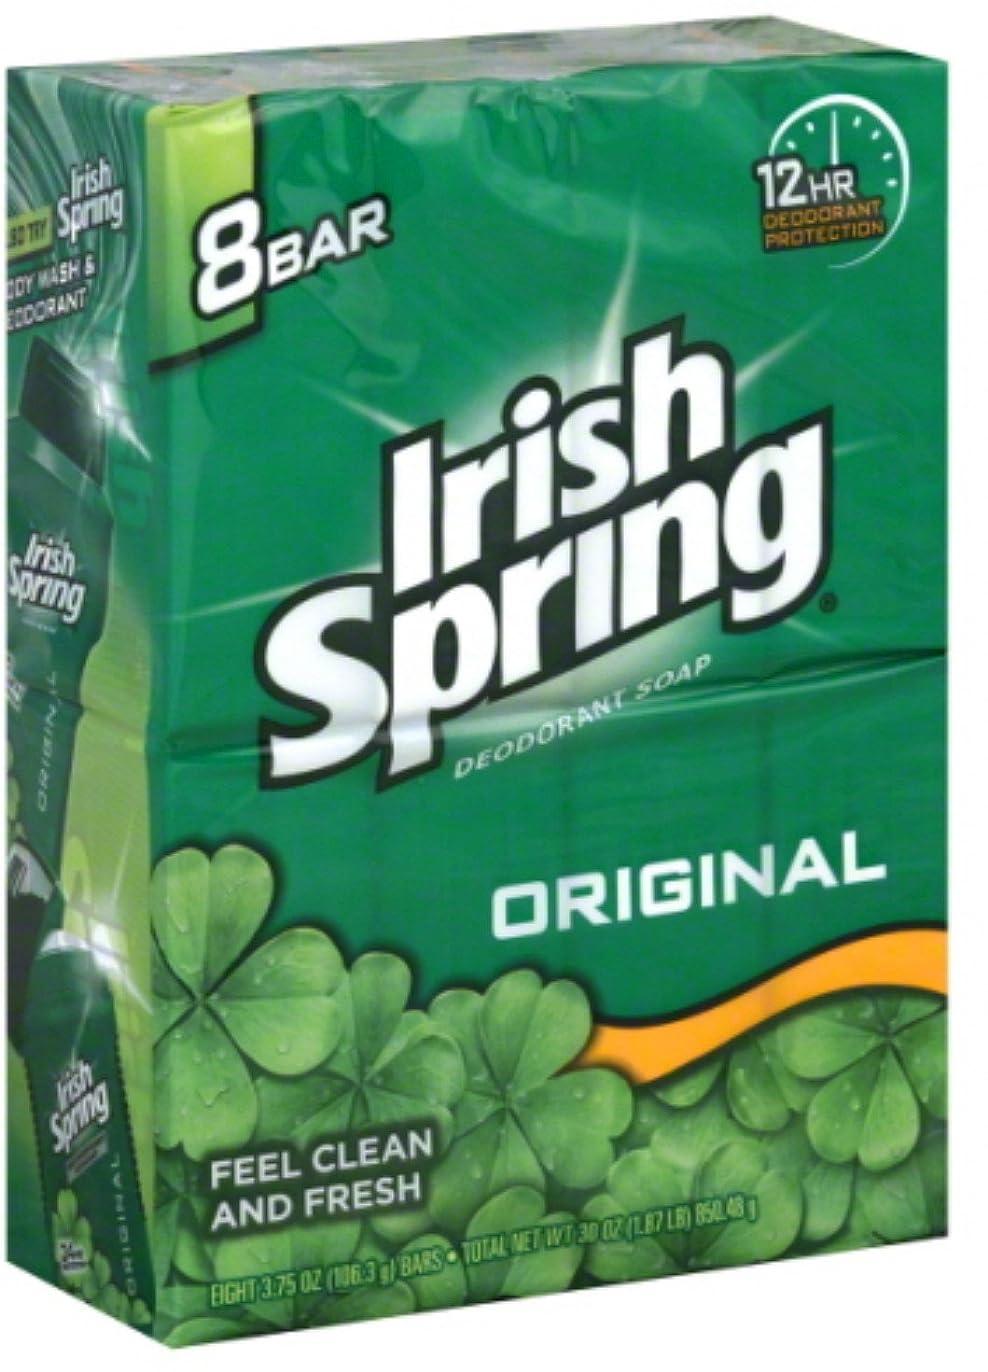 士気腹痛炭水化物Irish Spring デオドラントソープオリジナル - 8のCt